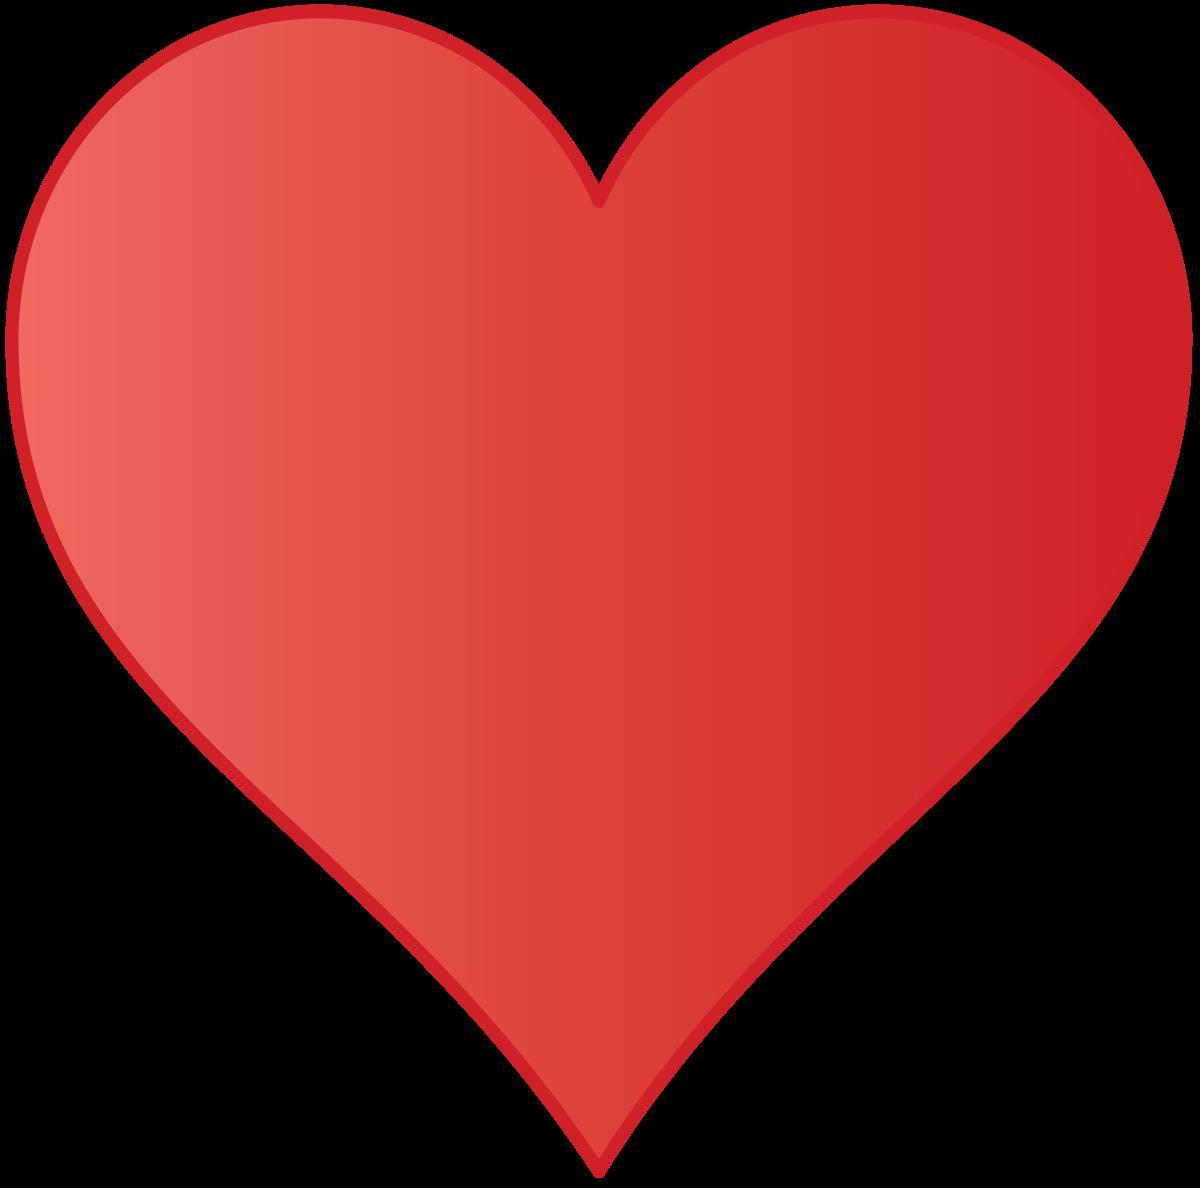 Schadet zu viel Offenheit der Liebe?